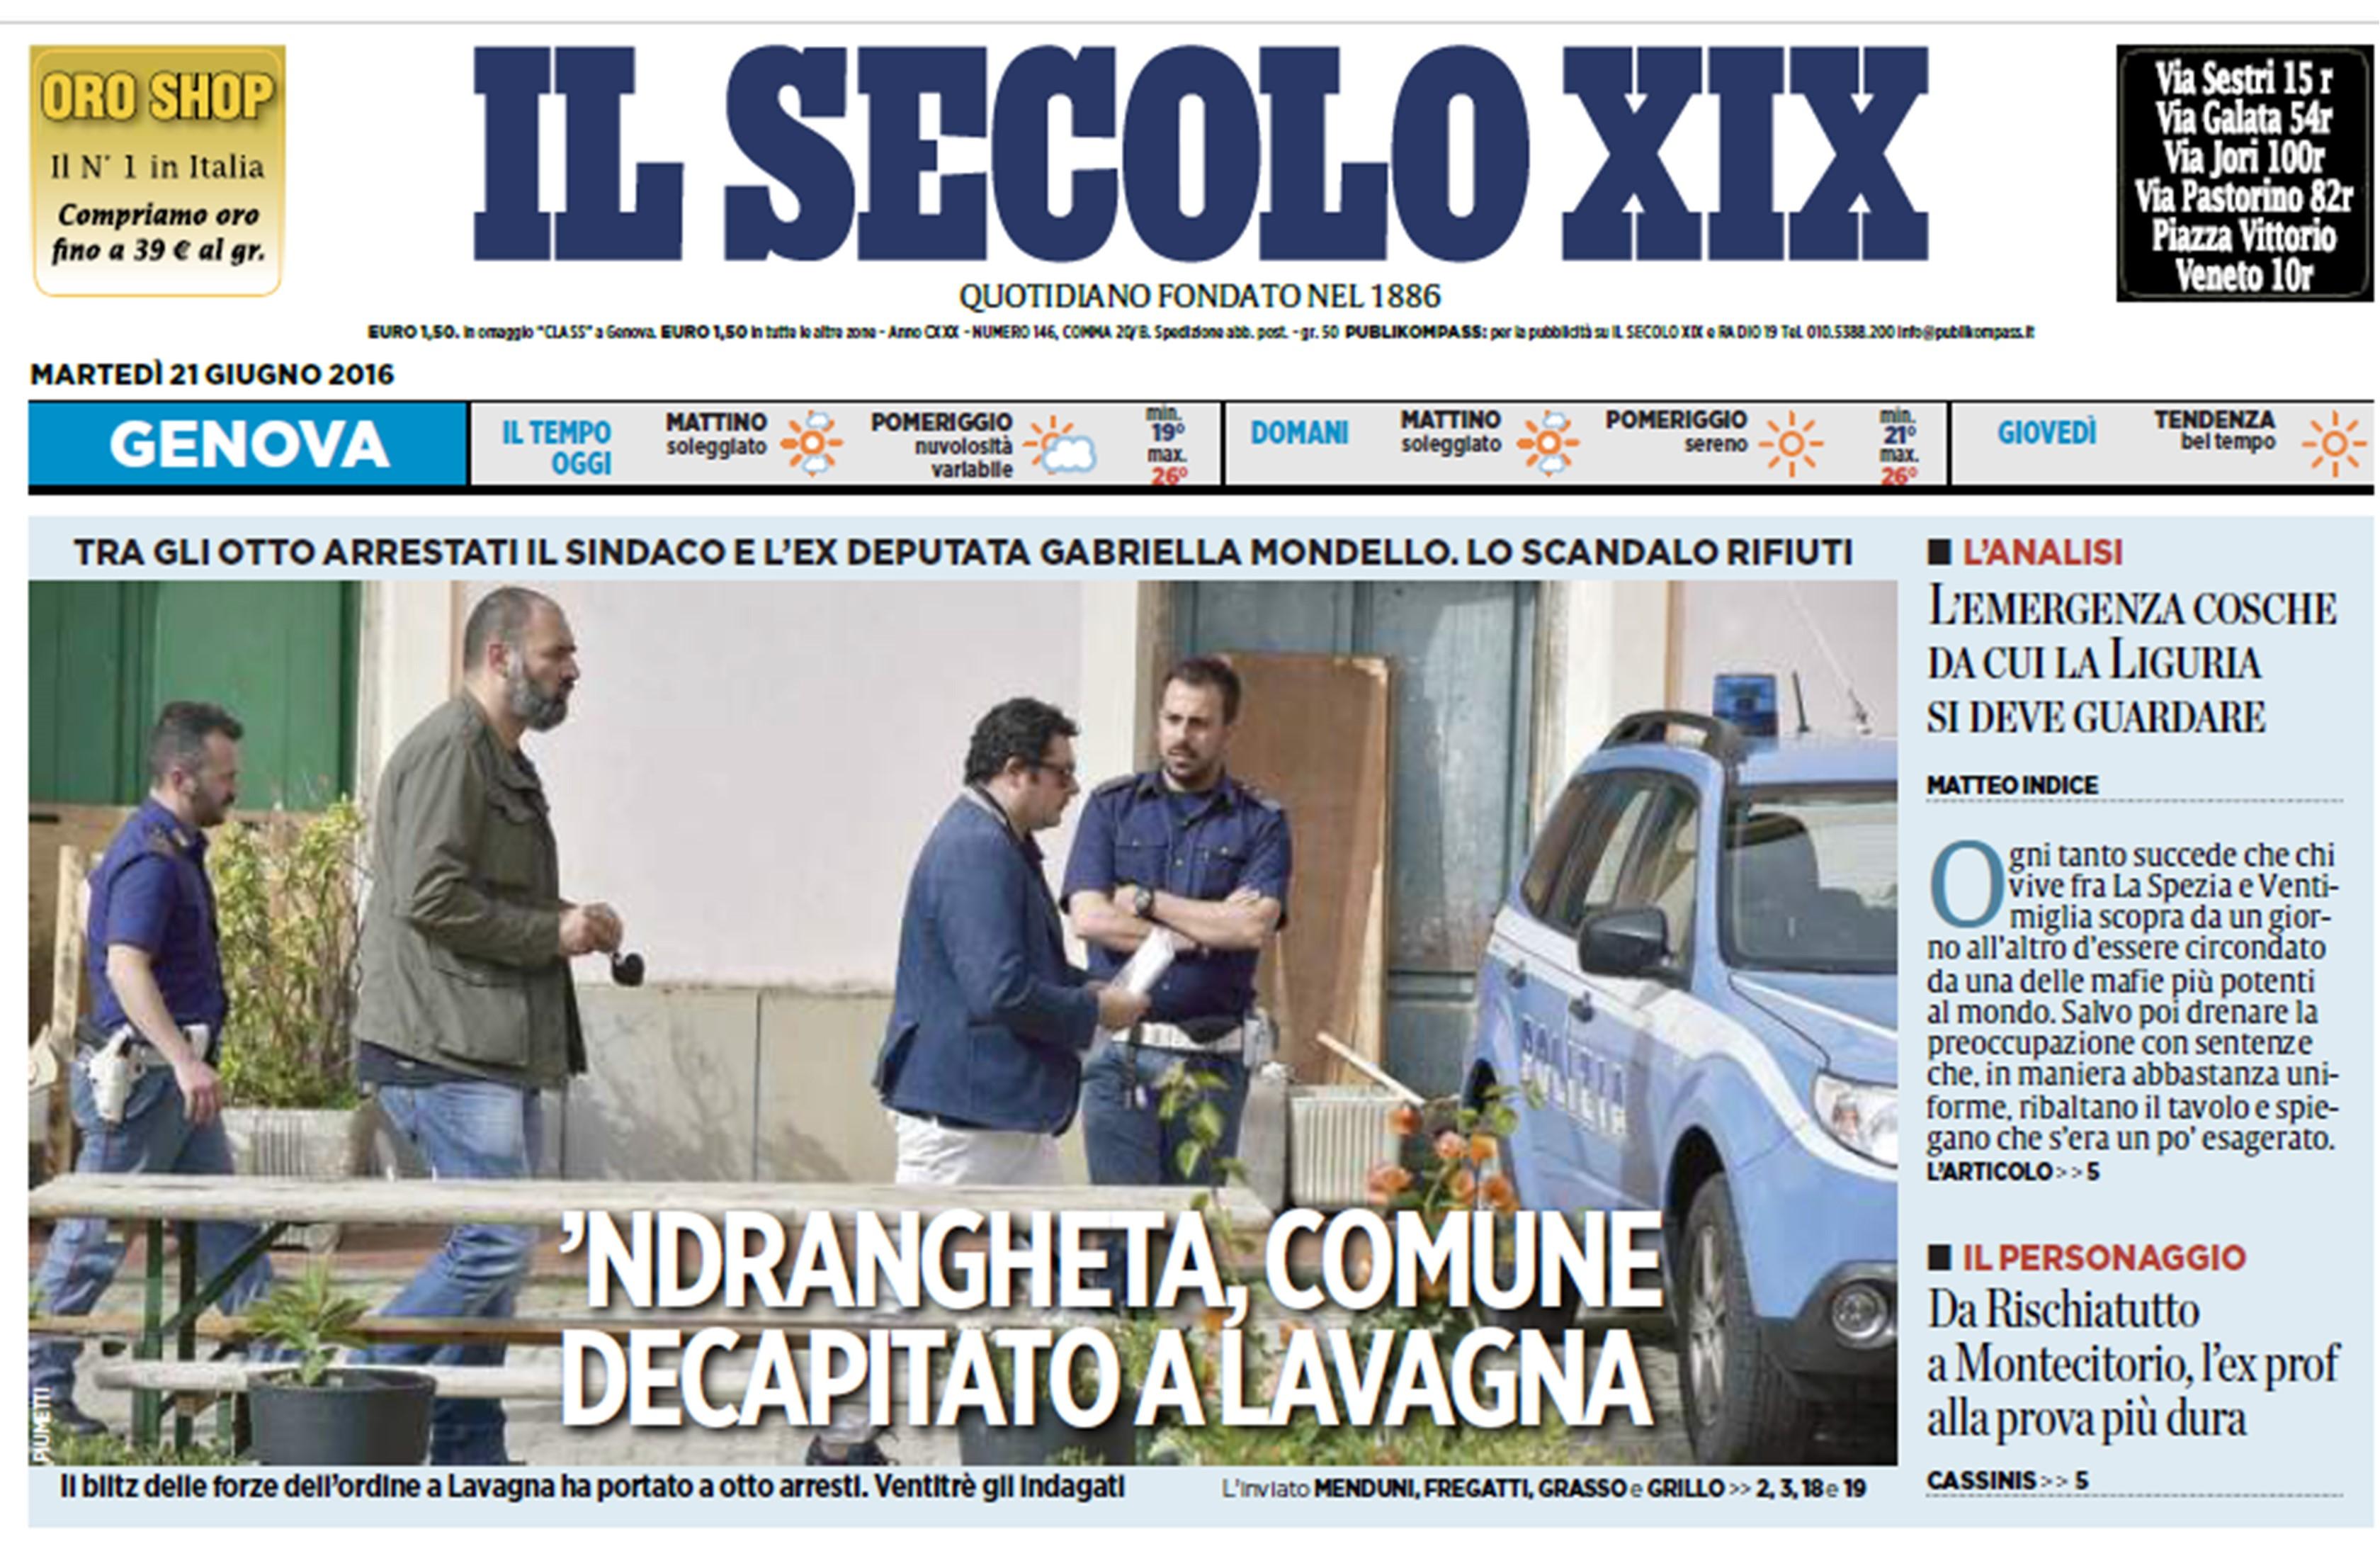 'ndrangheta a Lavagna: blitz decapita il comune